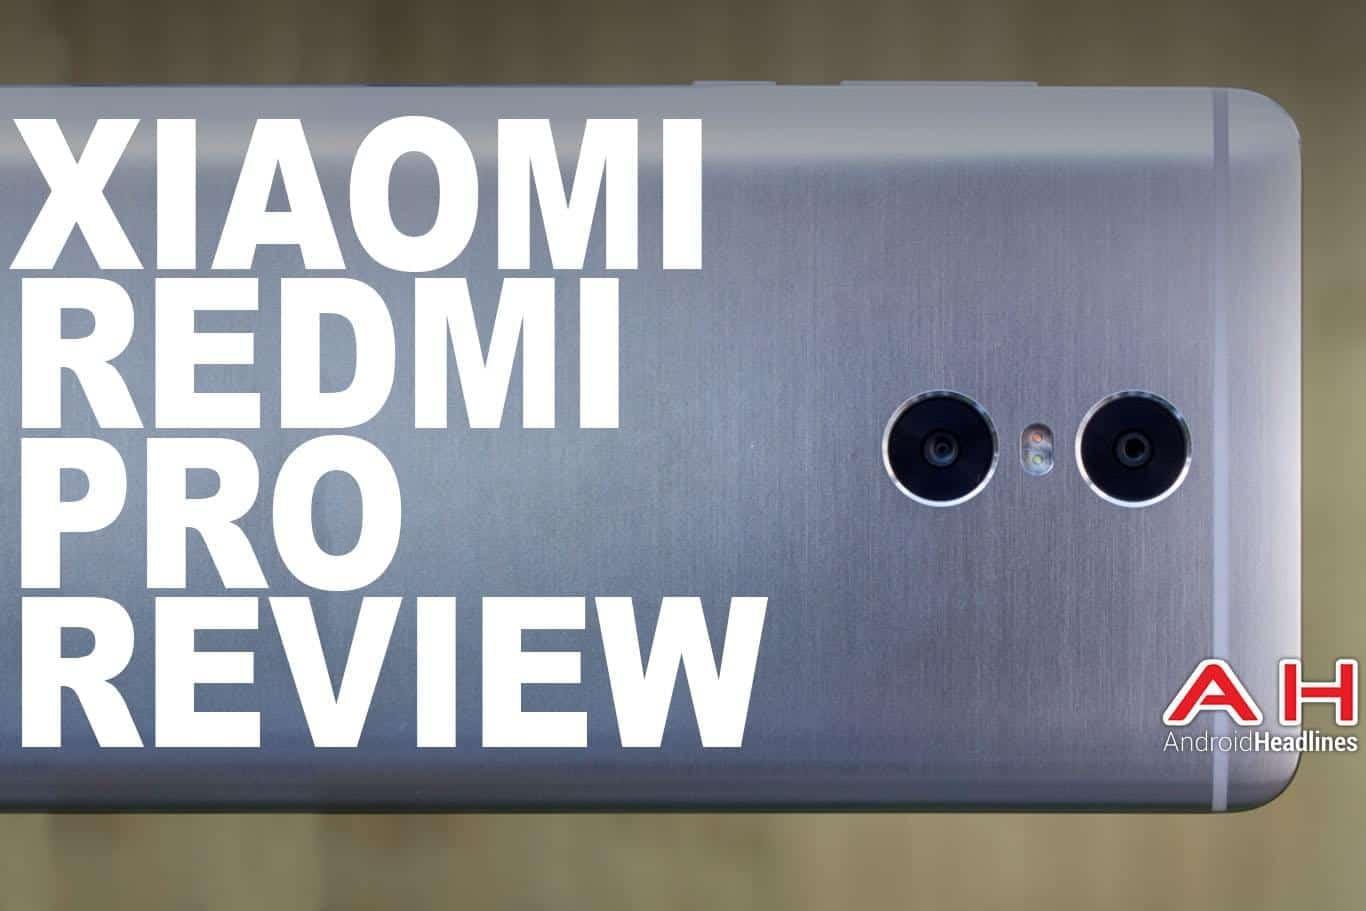 redmi-pro-review-ah-ns